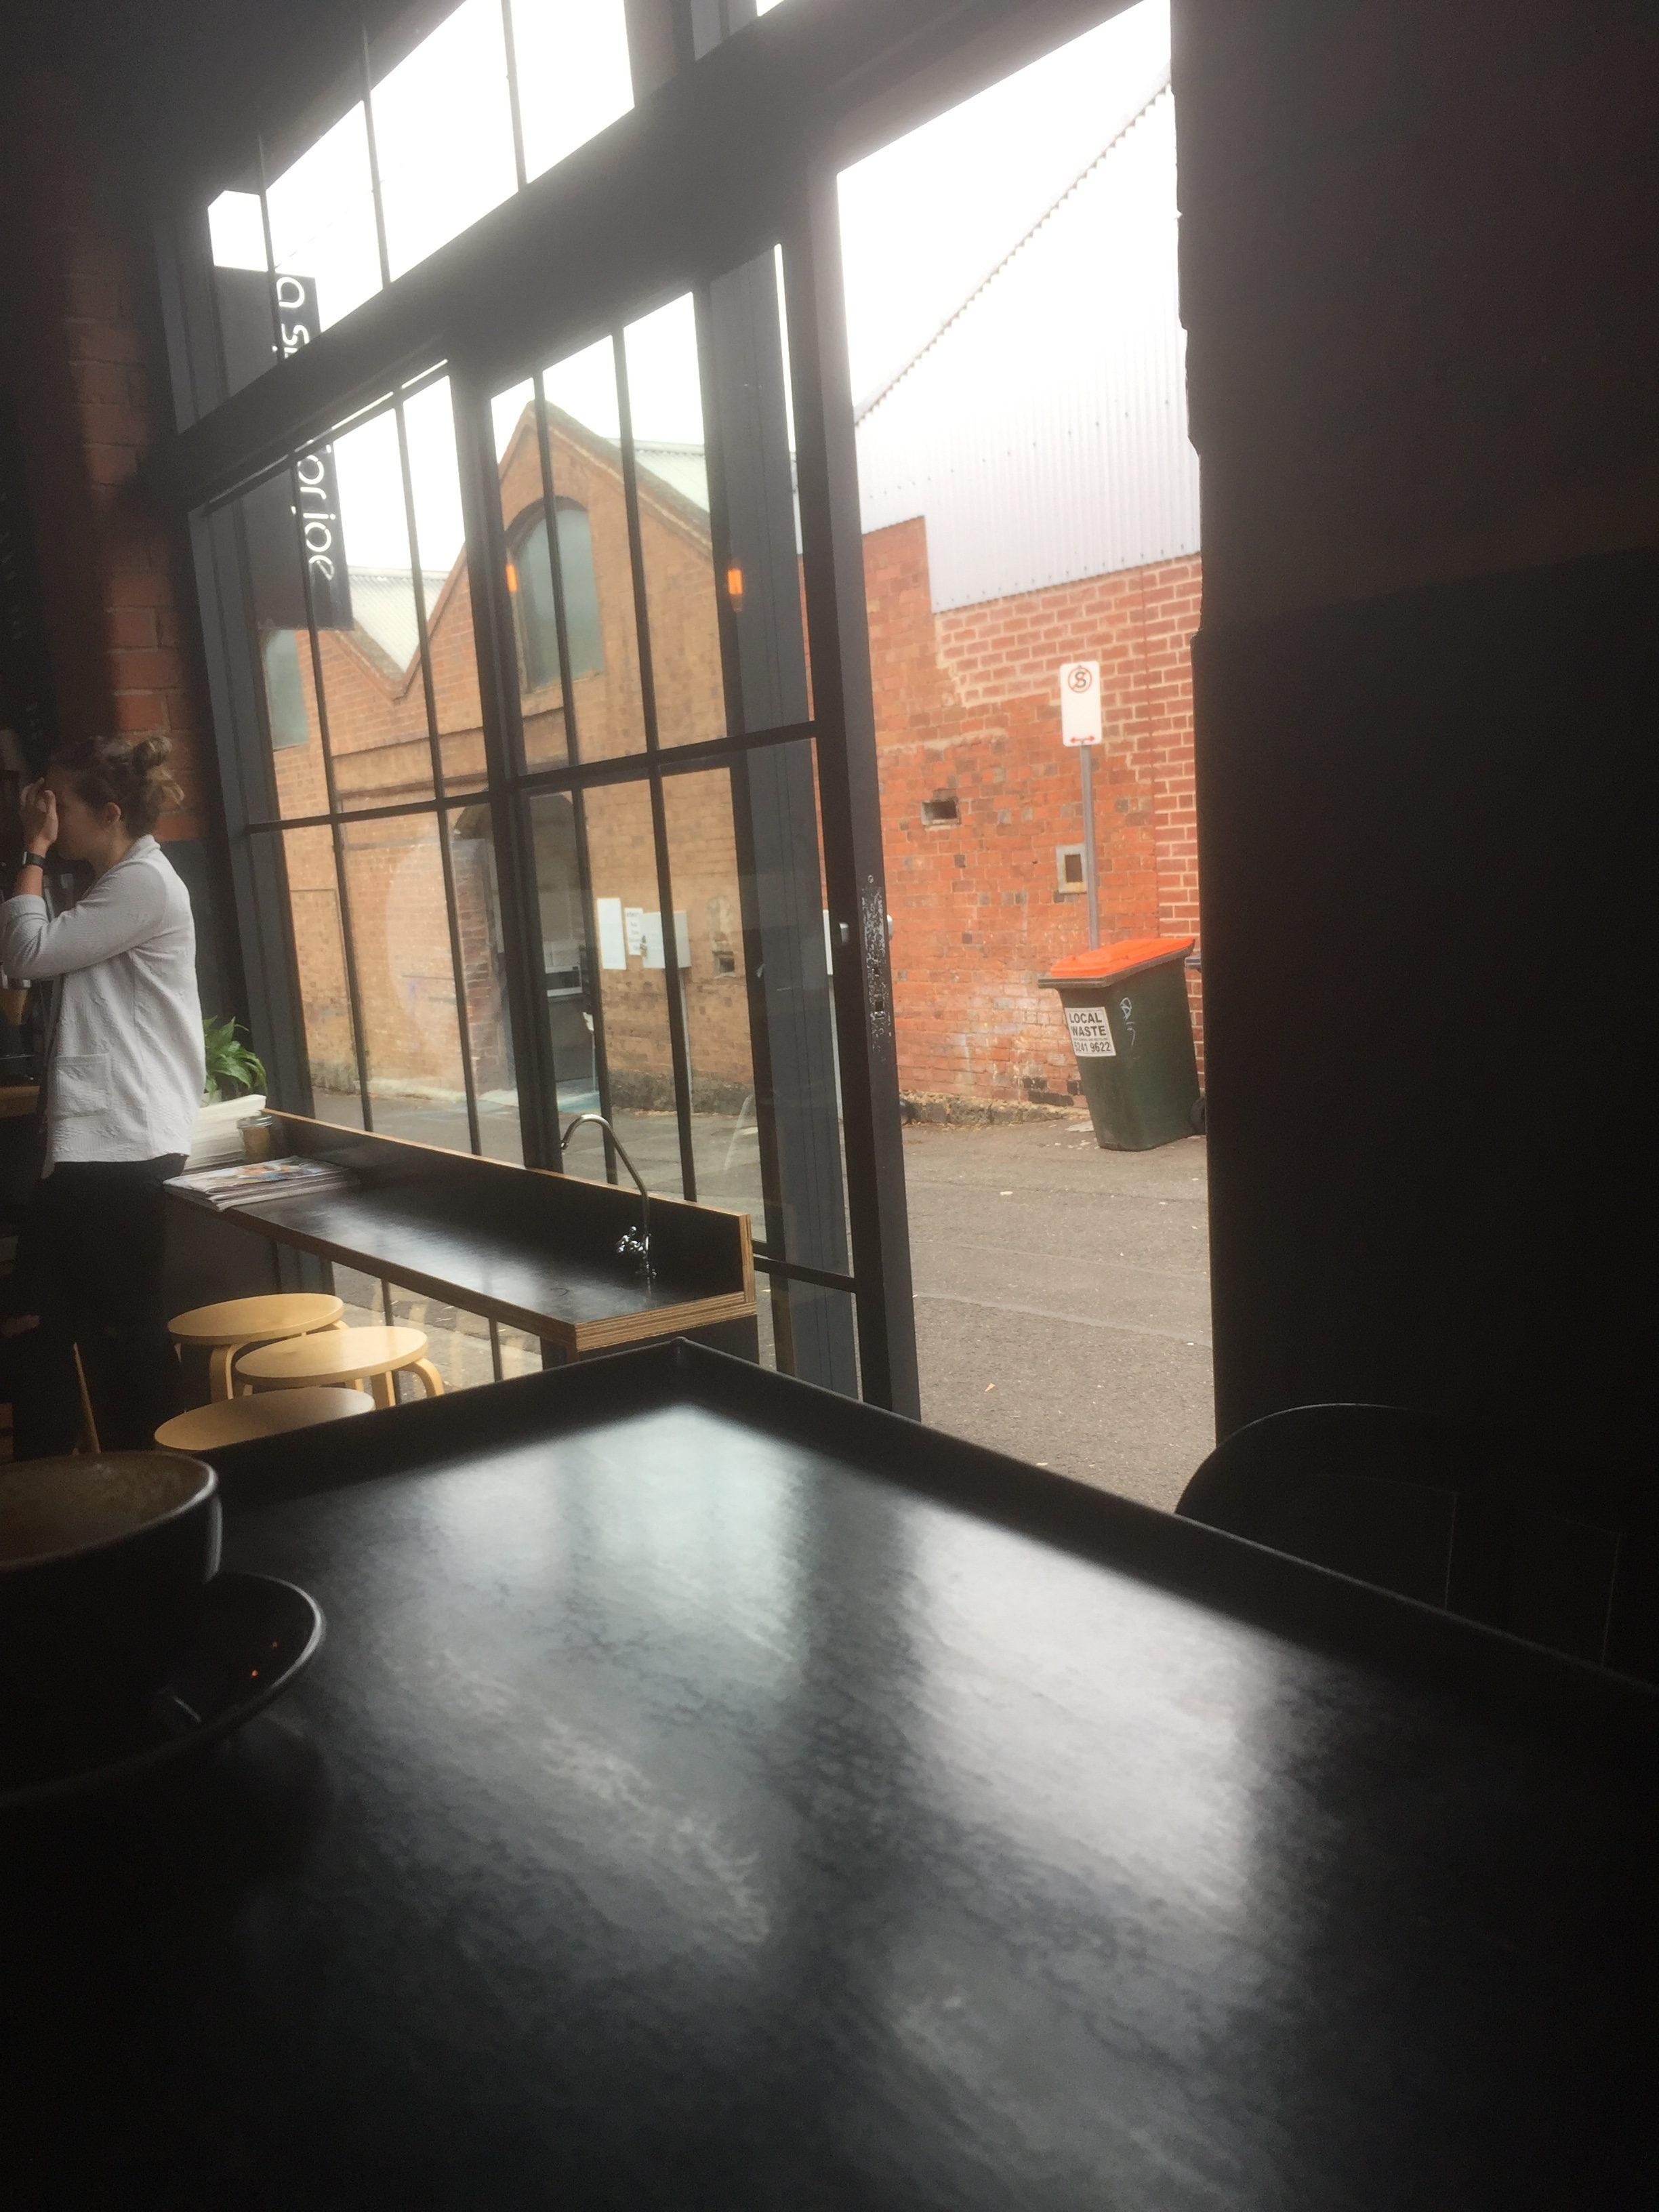 spot for joe geelong cafe